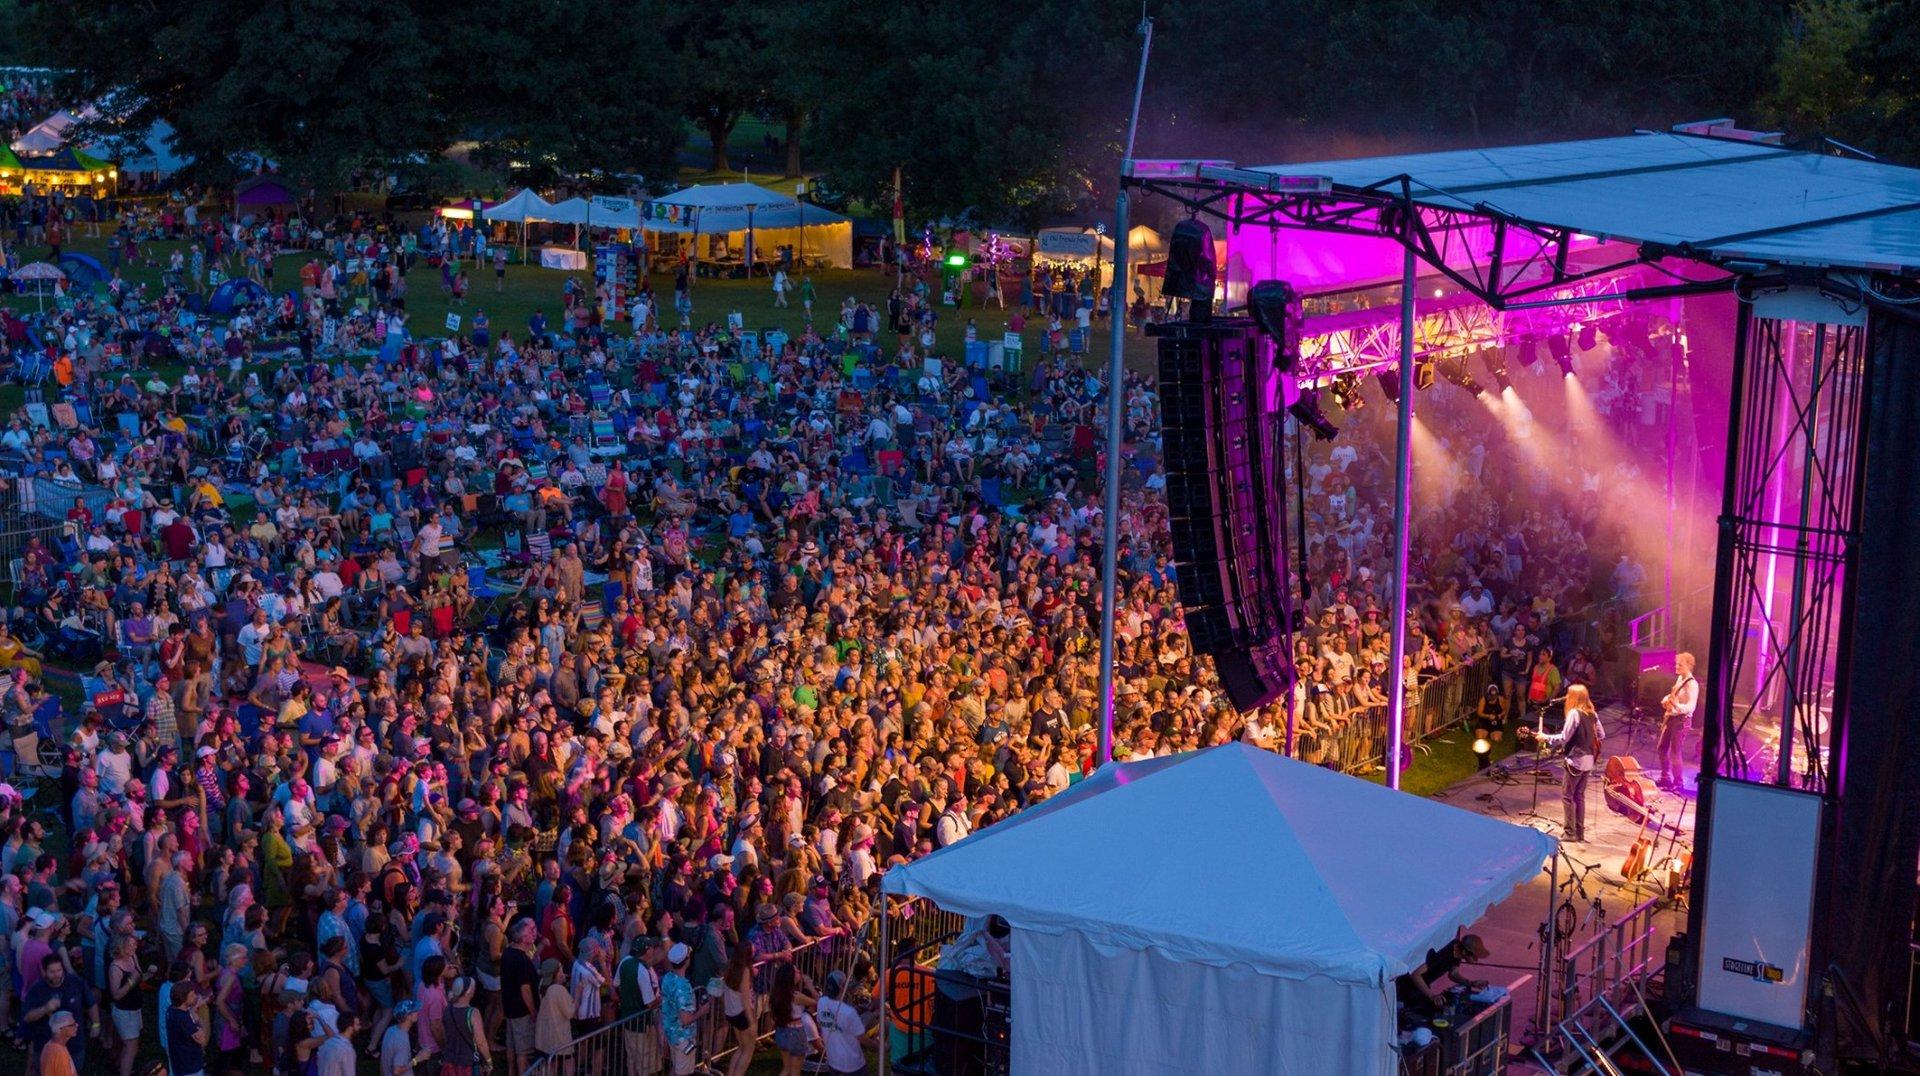 The Green River Festival in Massachusetts 2020 - Best Time